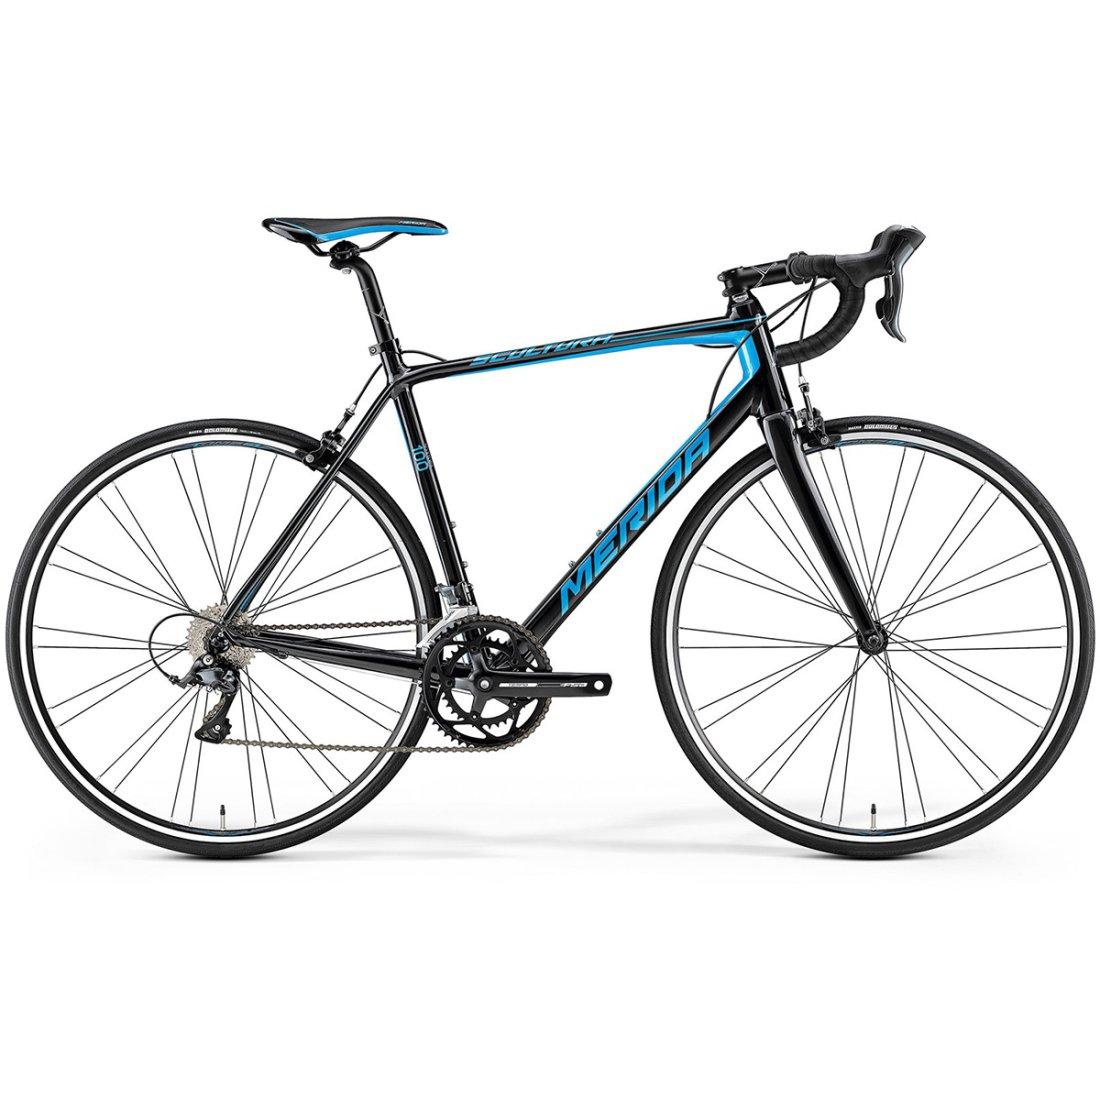 MERIDA Scultura 100 2017 Black   Blue Road bike · Motocard af86bd6e62